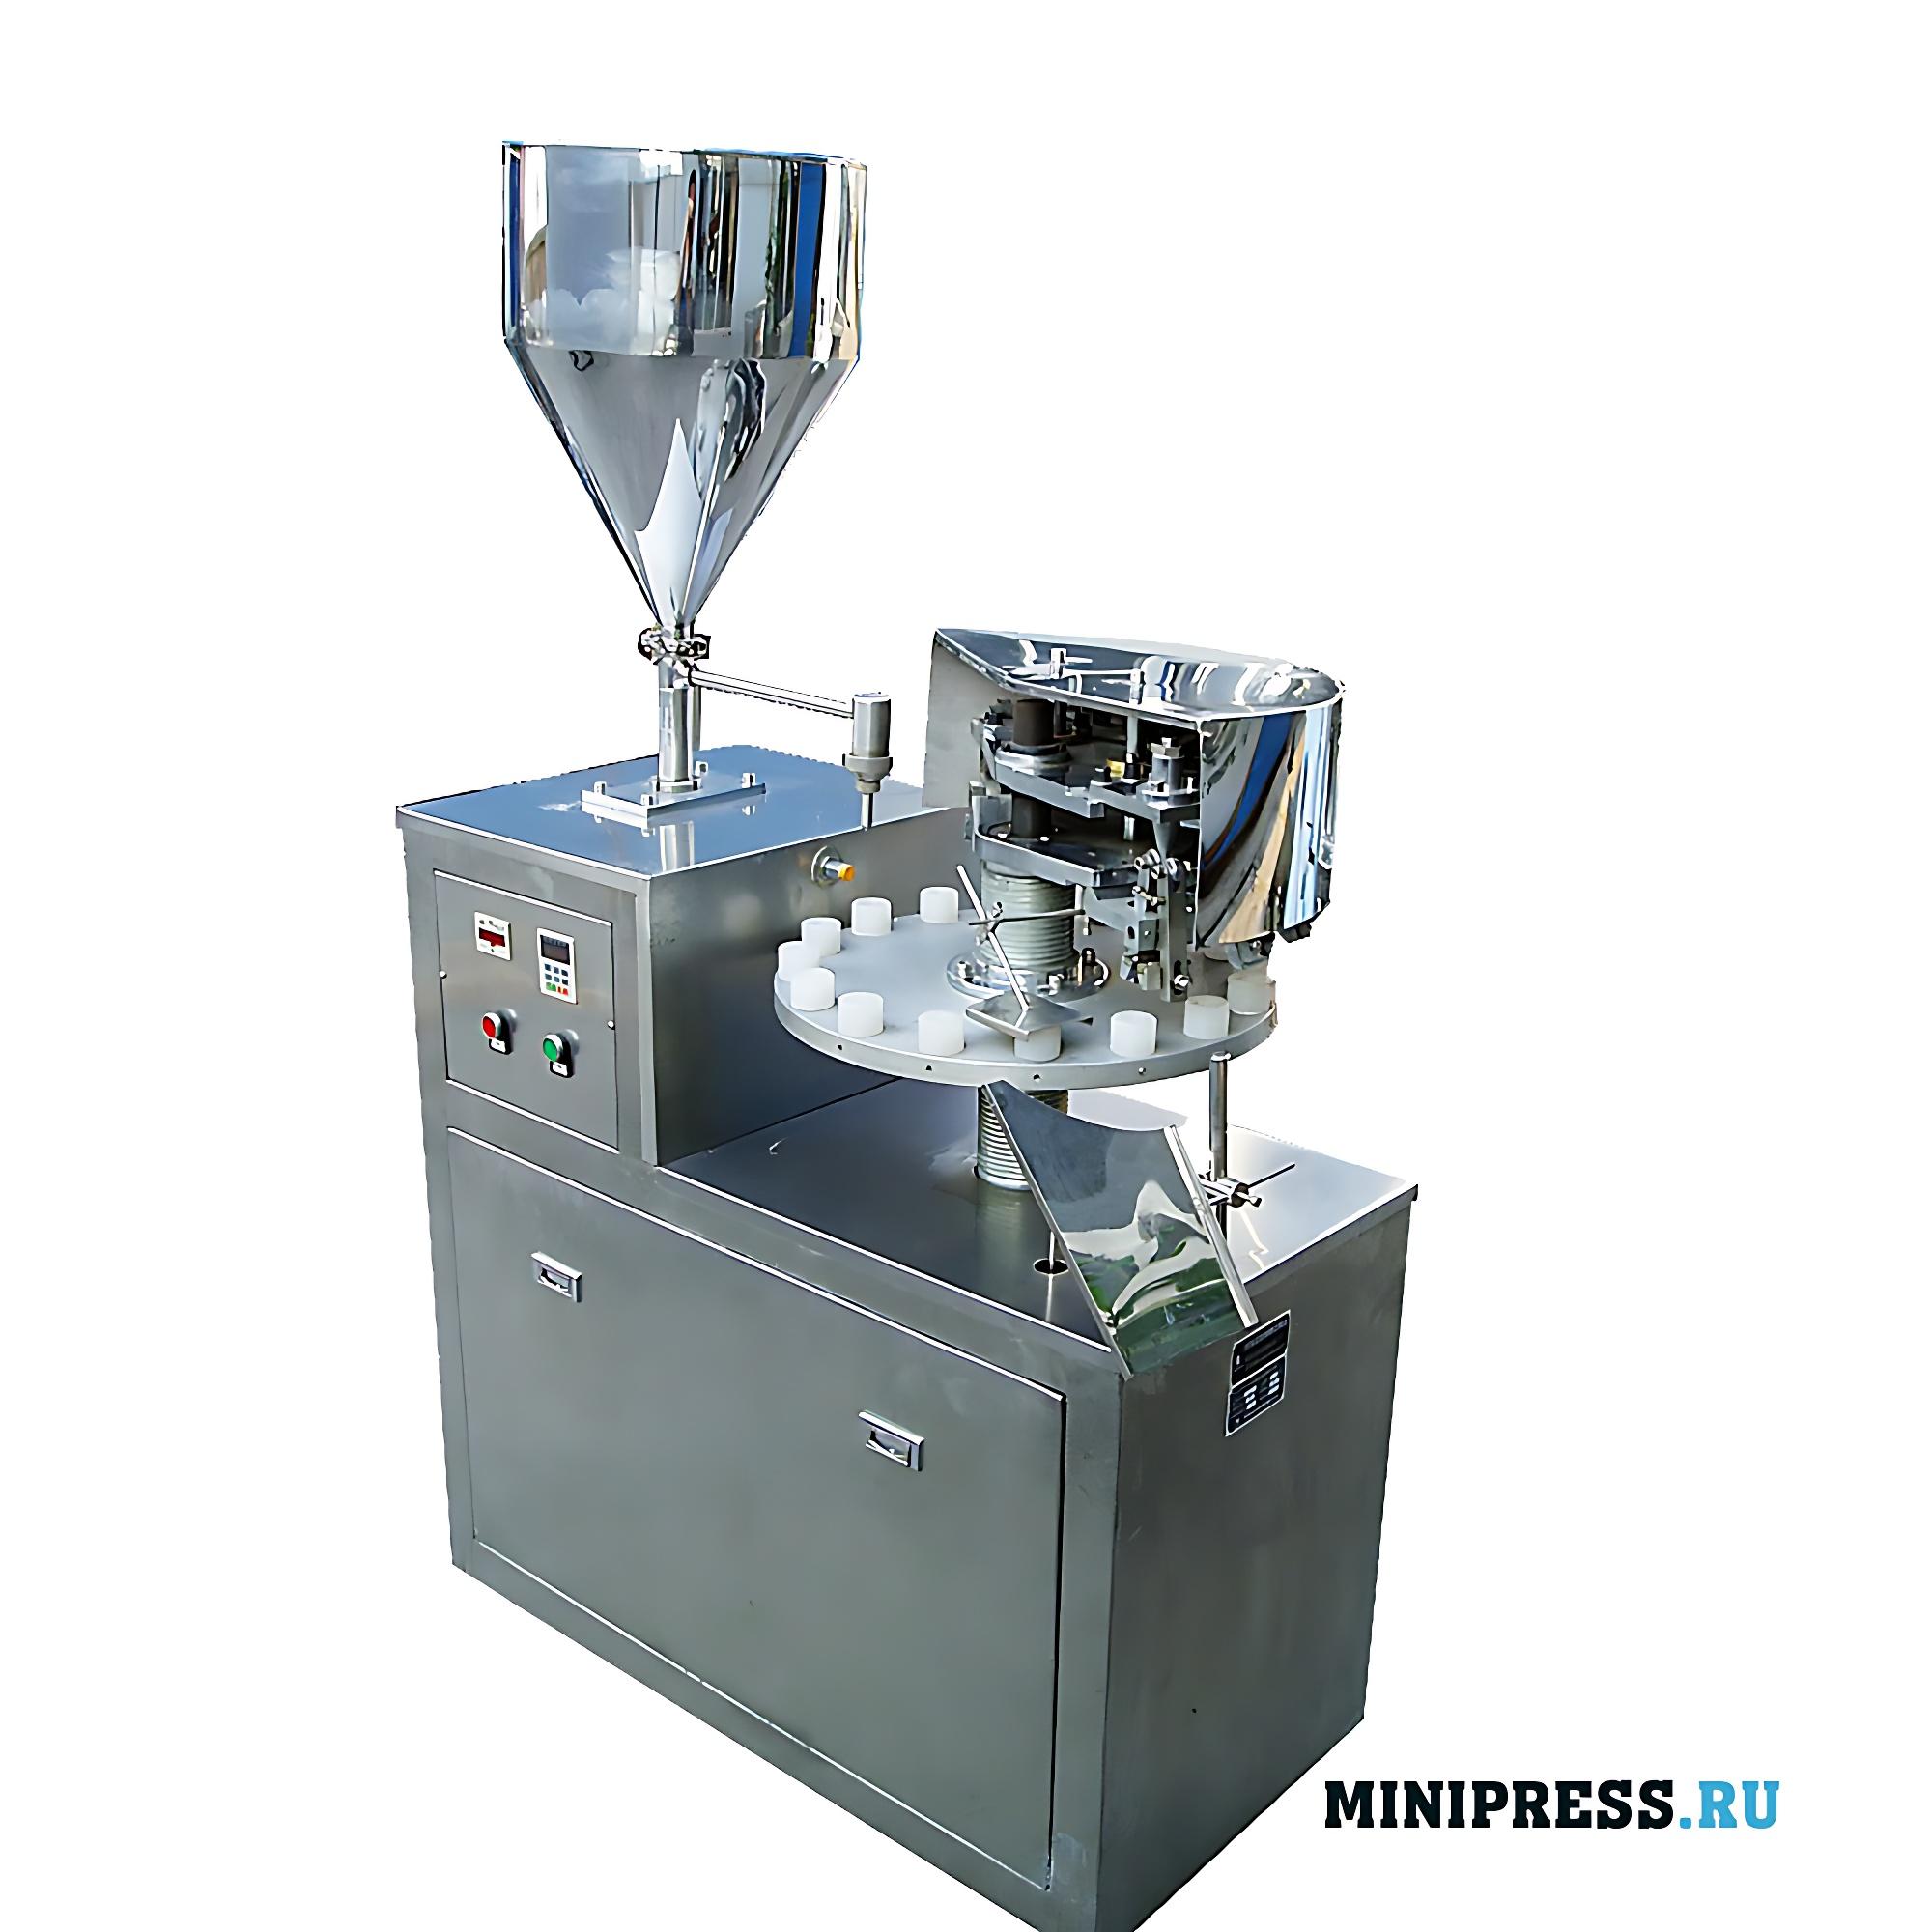 Полуавтоматическая механическая машина для фасовки клея в алюминиевые тубы